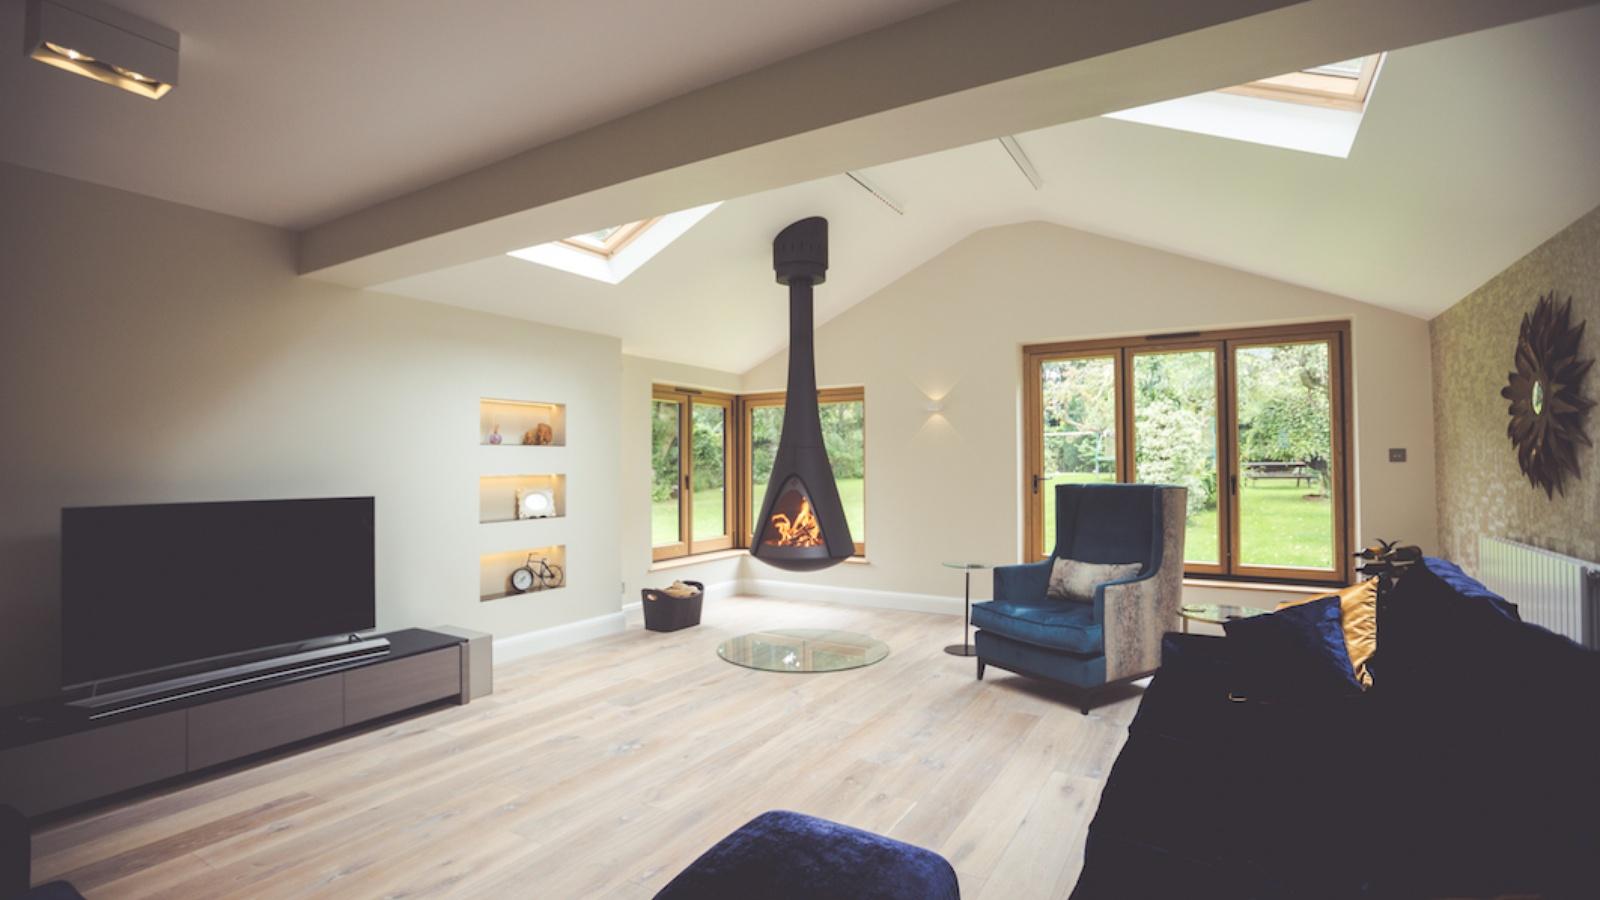 Harrie Leenders Pharos suspended stove - Chesham Bois